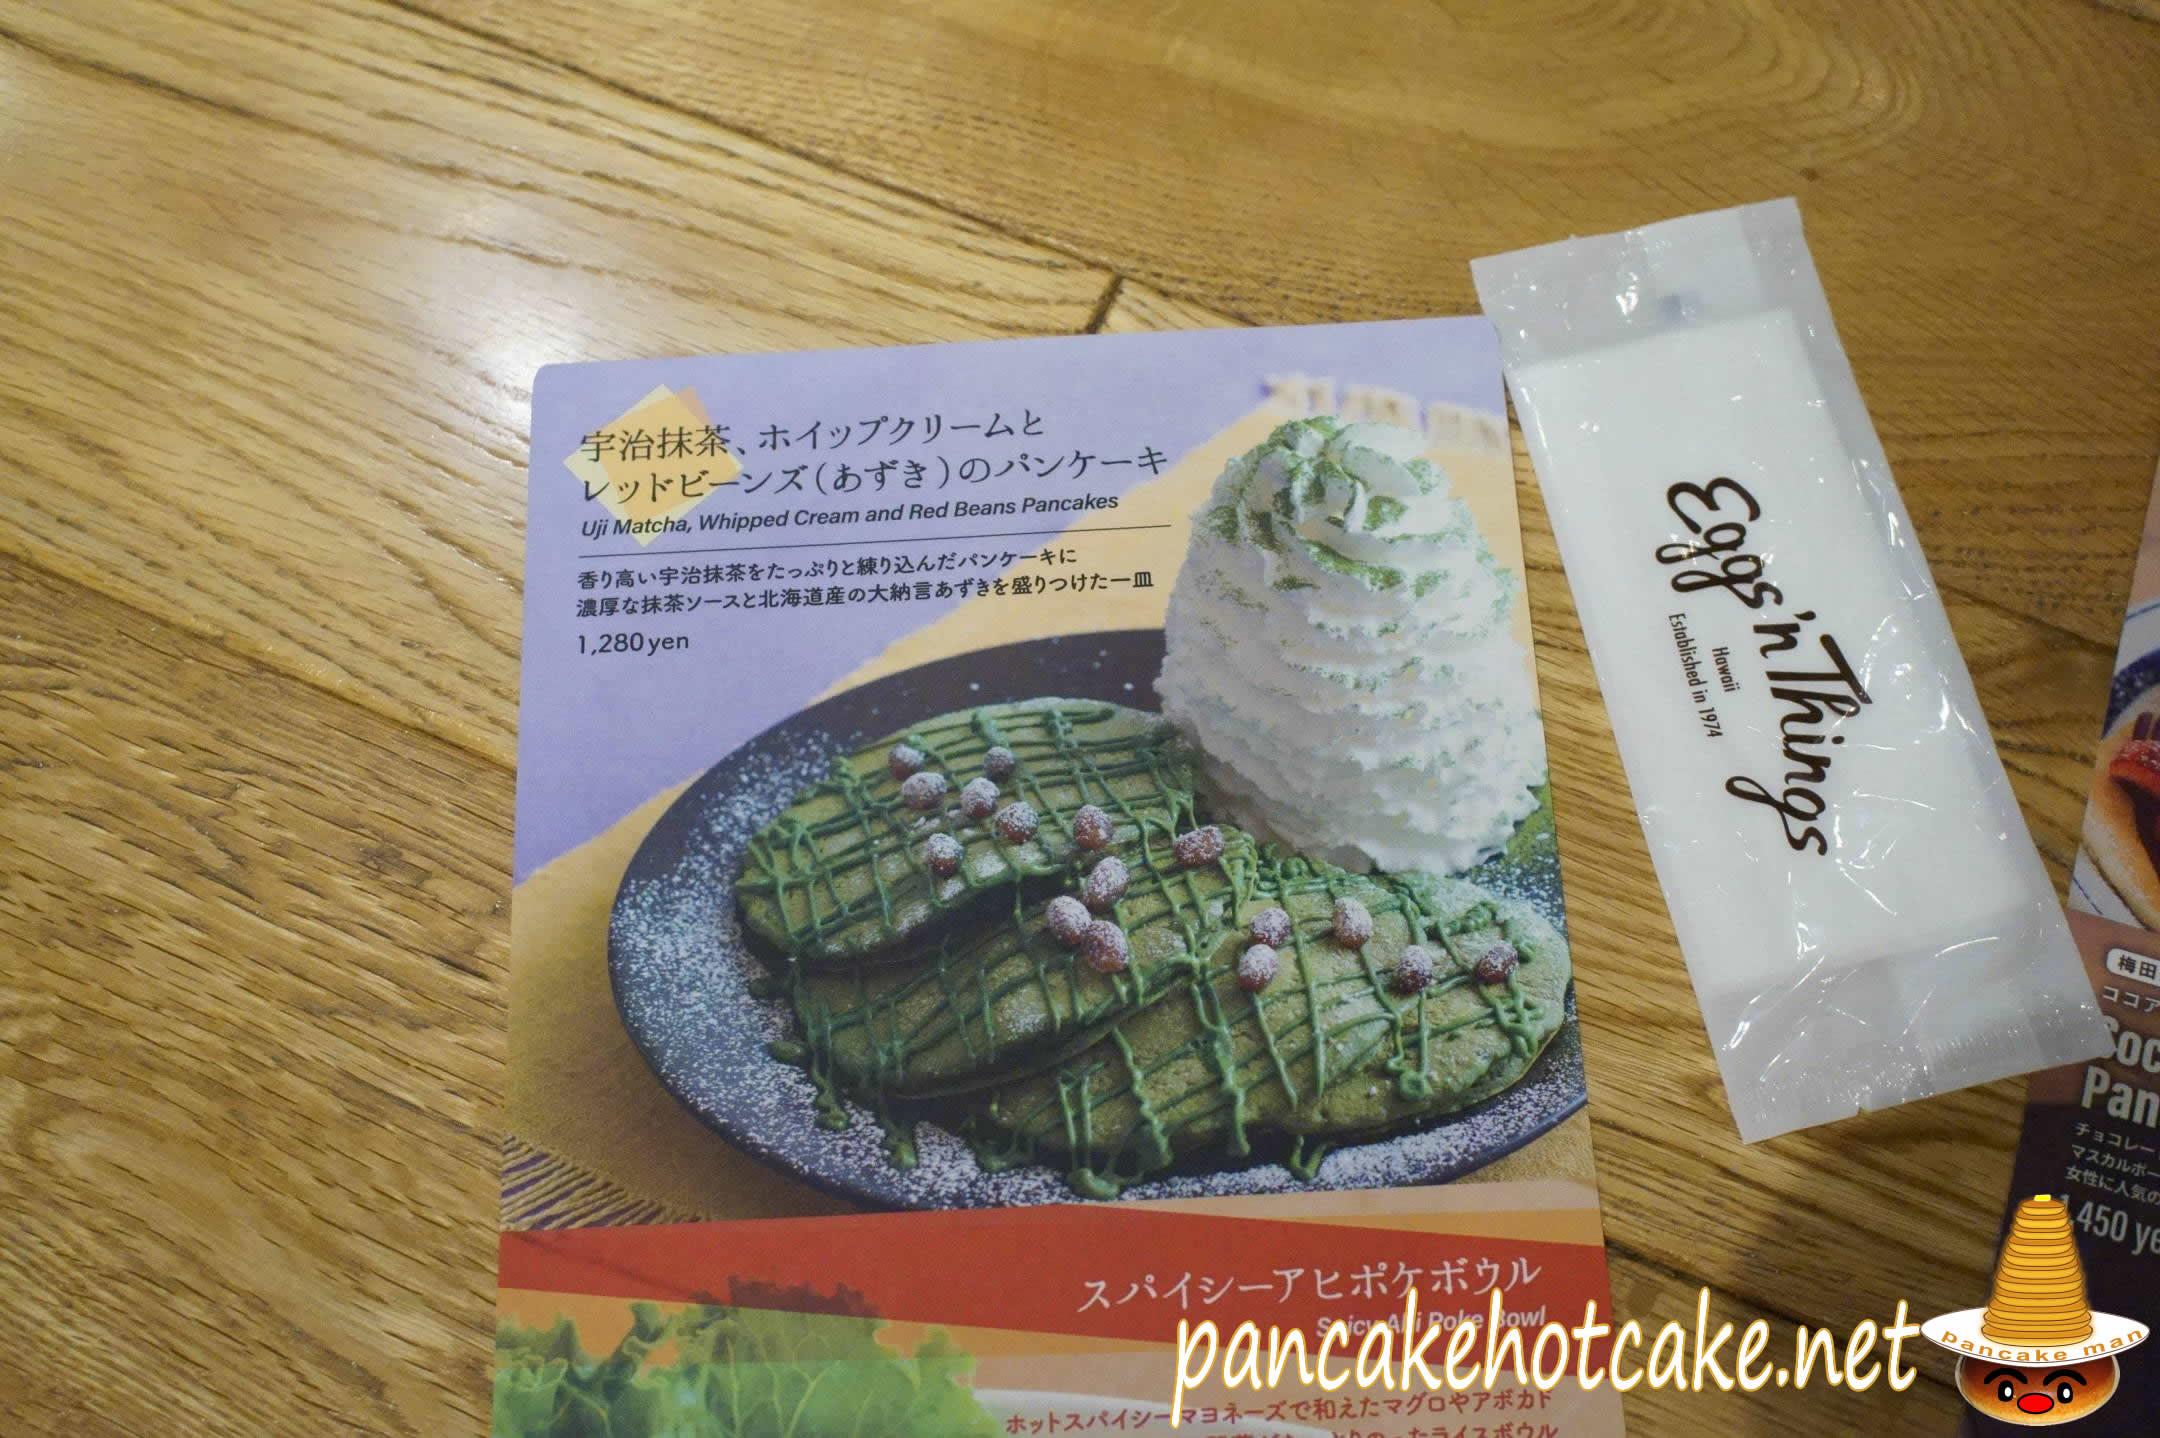 宇治抹茶、ホイップクリームレッドビーンズ(あずき)のパンケーキ ¥1,280円Eggs'n Things(エッグスンシングス)